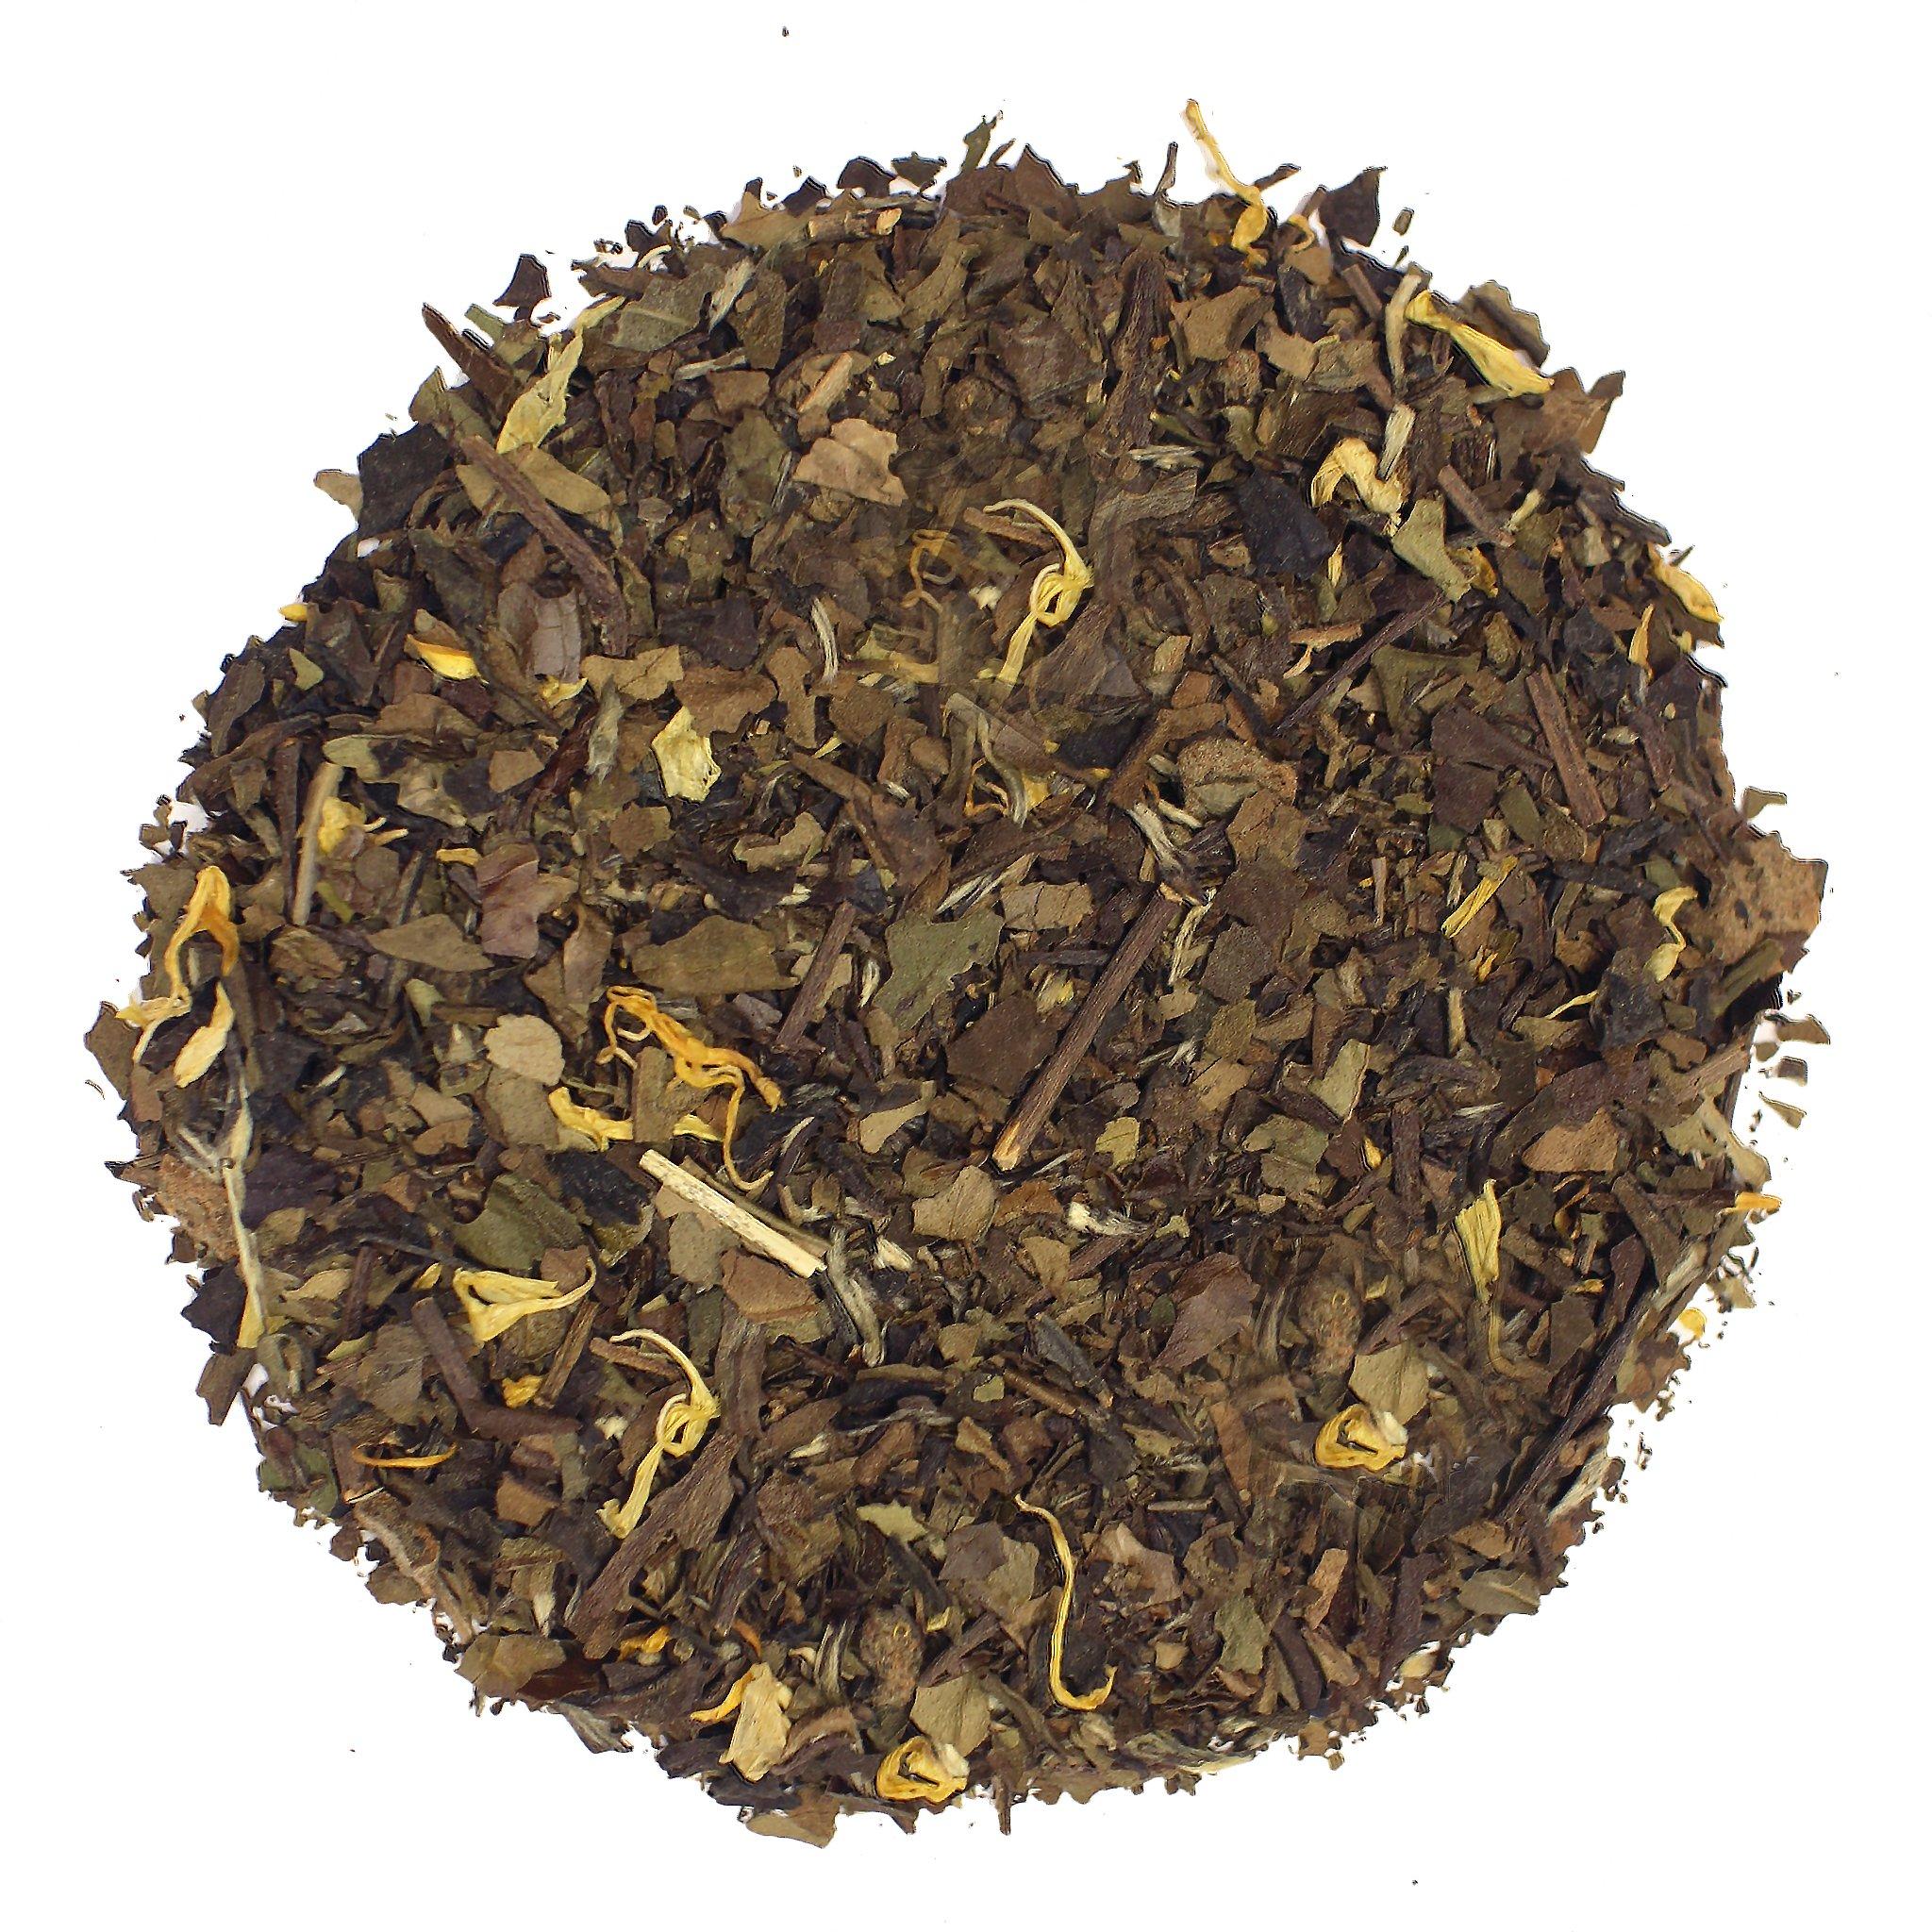 The Tea Farm - Peach White Fruit Tea - Loose Leaf White Tea (16 Ounce Bag)